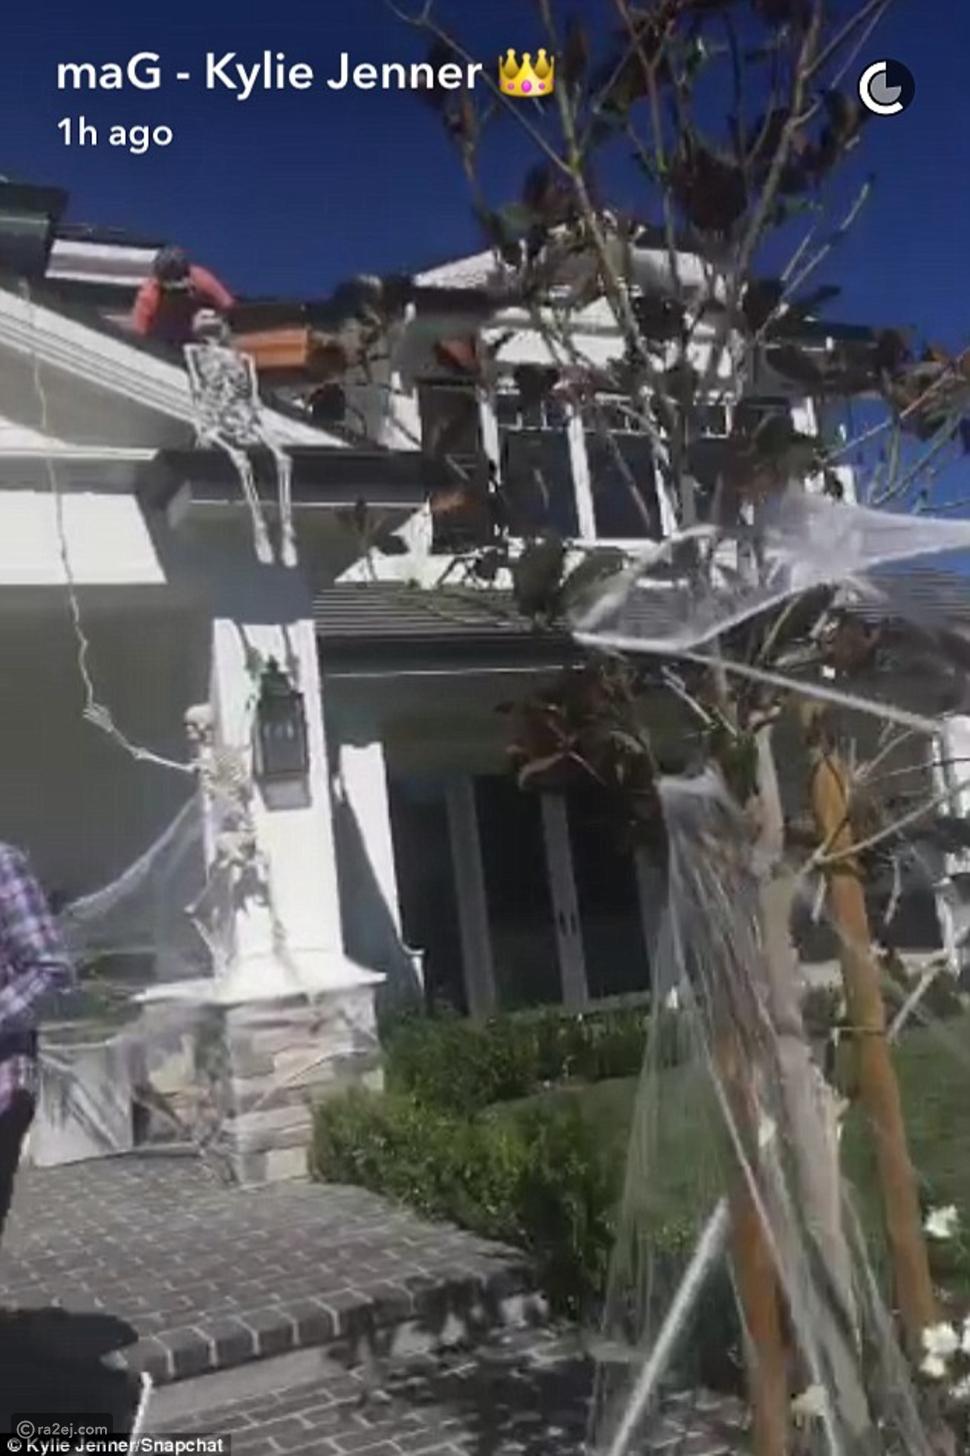 بالصور: هكذا زينت كايلي جينر منزلها الفخم استعداداً للهالويين!